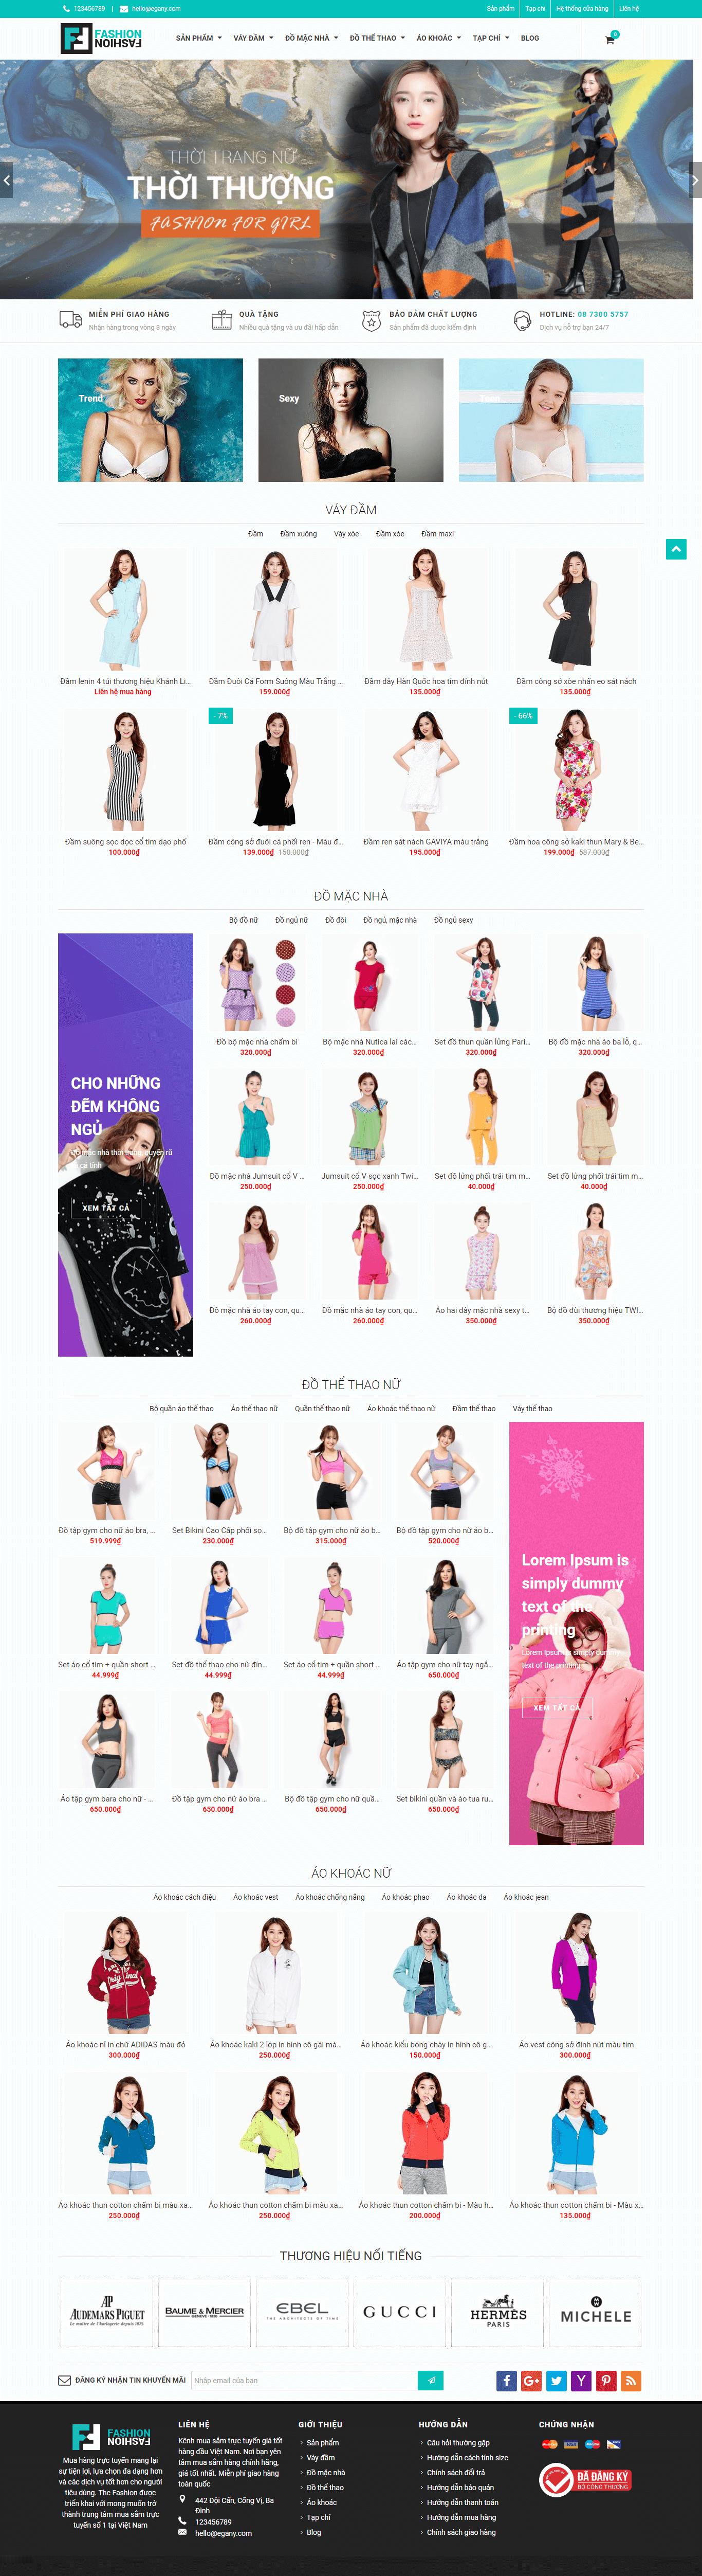 Web bán hàng - 807467959